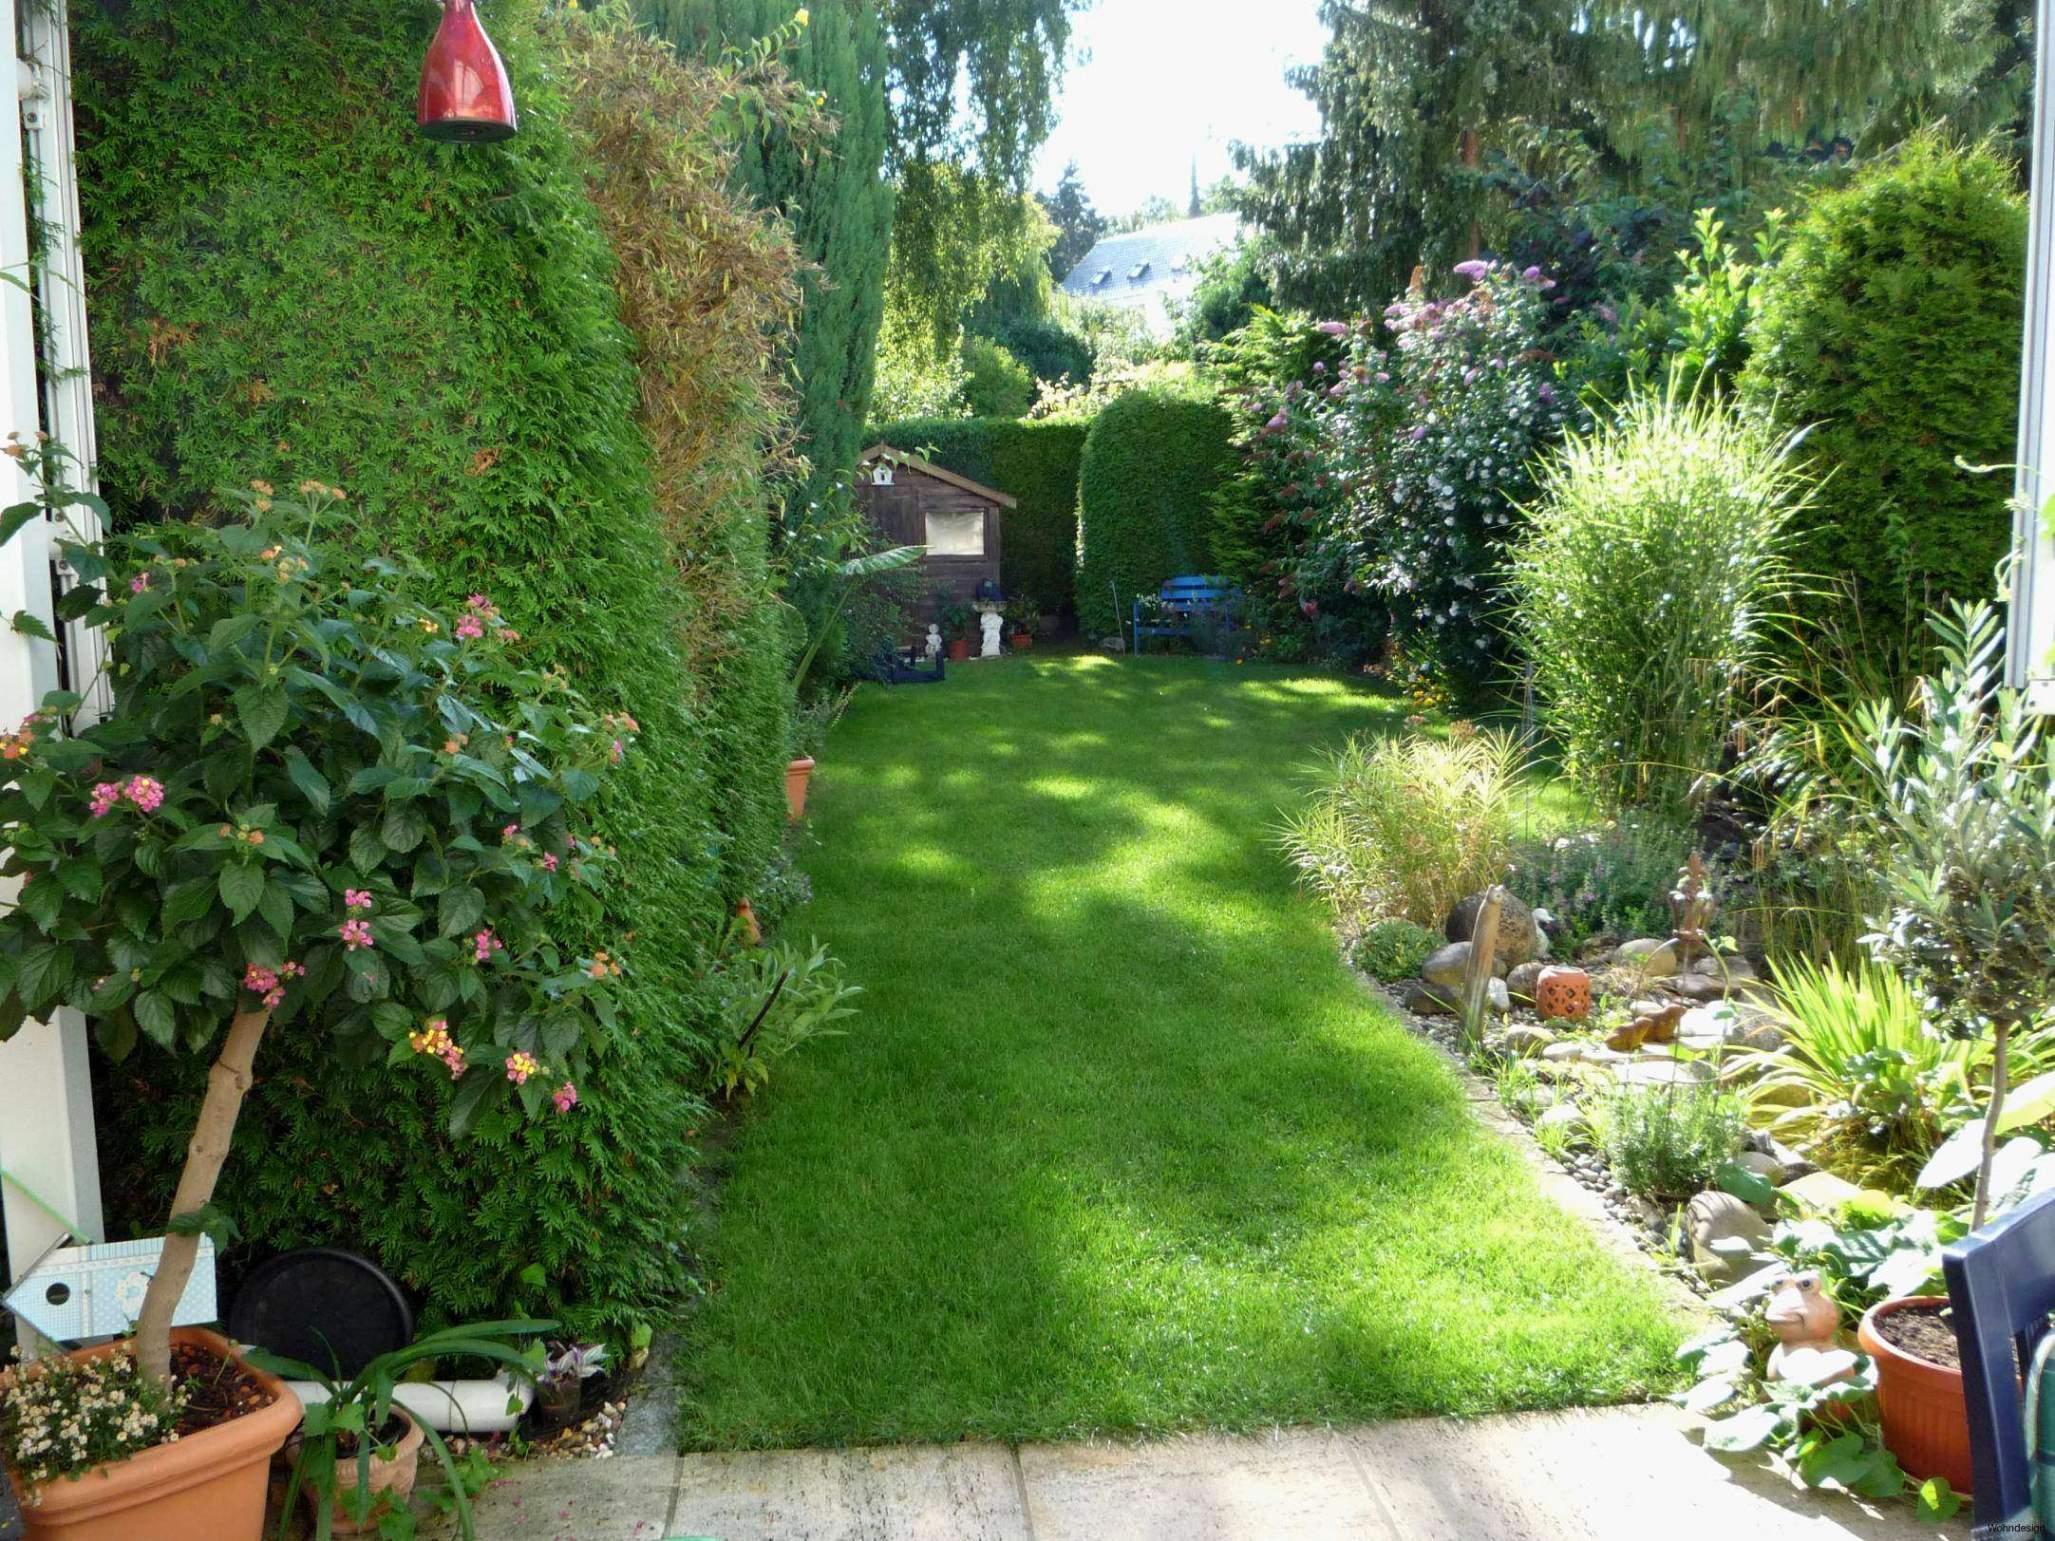 Garten Gestalten Mit Wenig Geld Einzigartig 36 Luxus Gartenideen Für Kleine Gärten